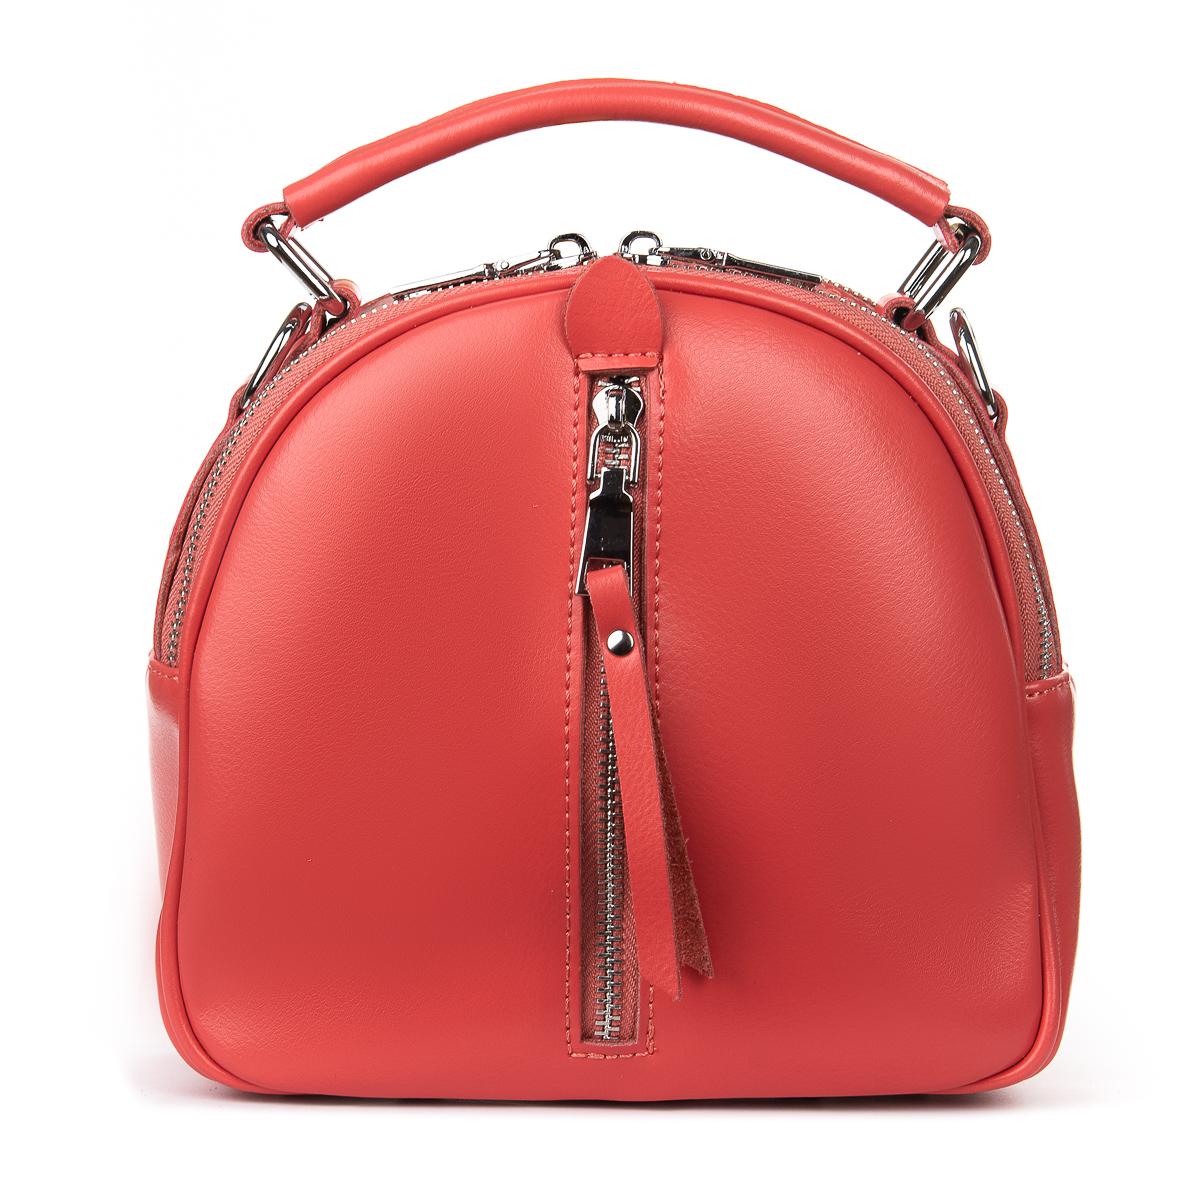 Сумка Женская Клатч кожа ALEX RAI 06-1 339 light-red